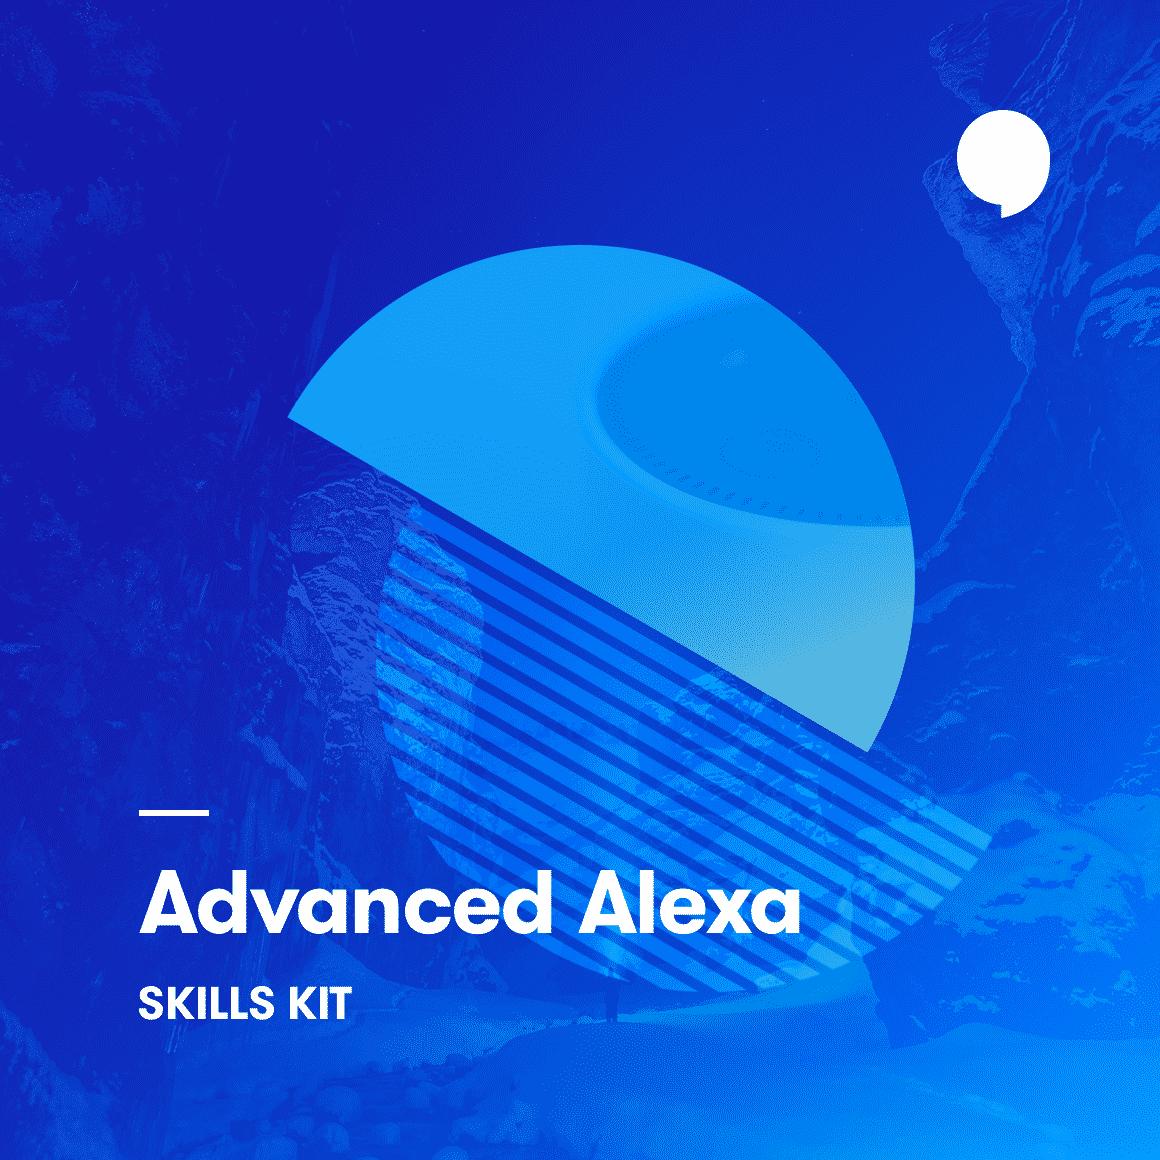 [ACloudGuru] Advanced Alexa Skills Kit 2017